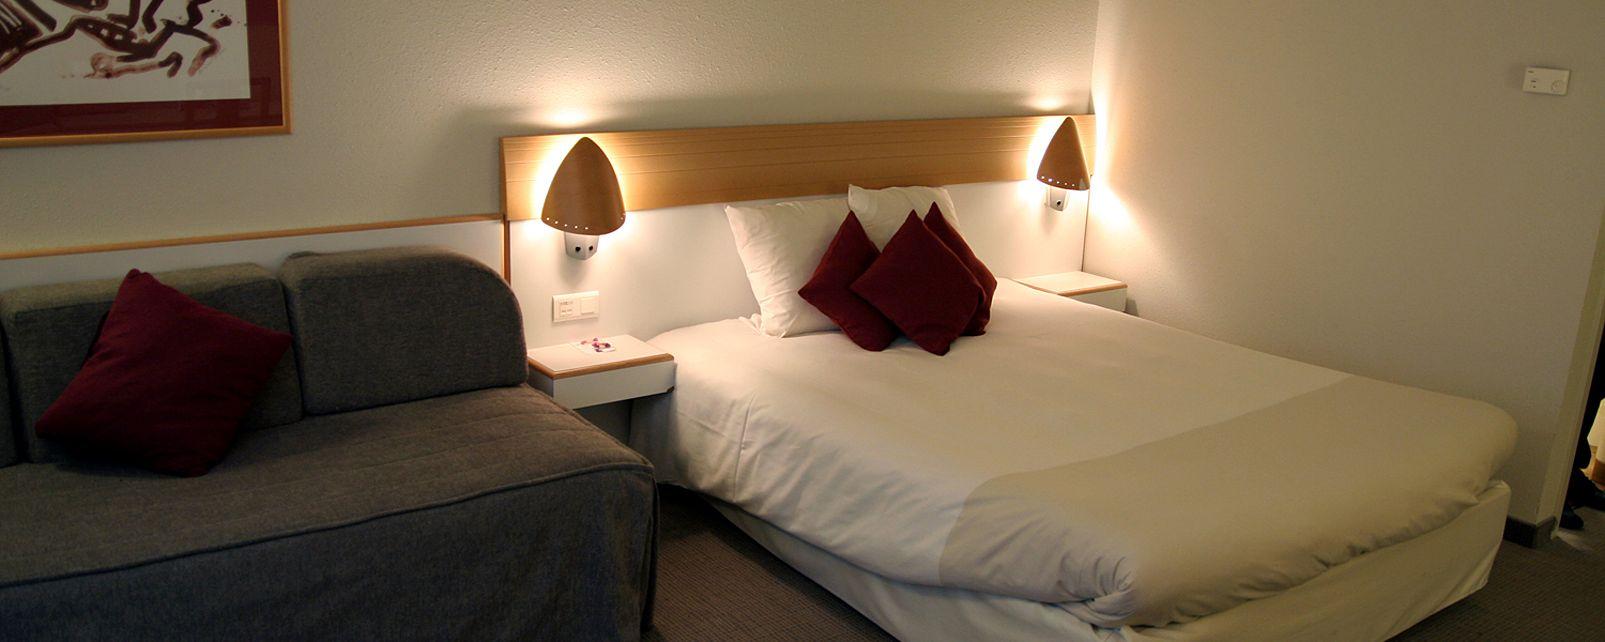 Hotel Novotel Centre Tour Noire